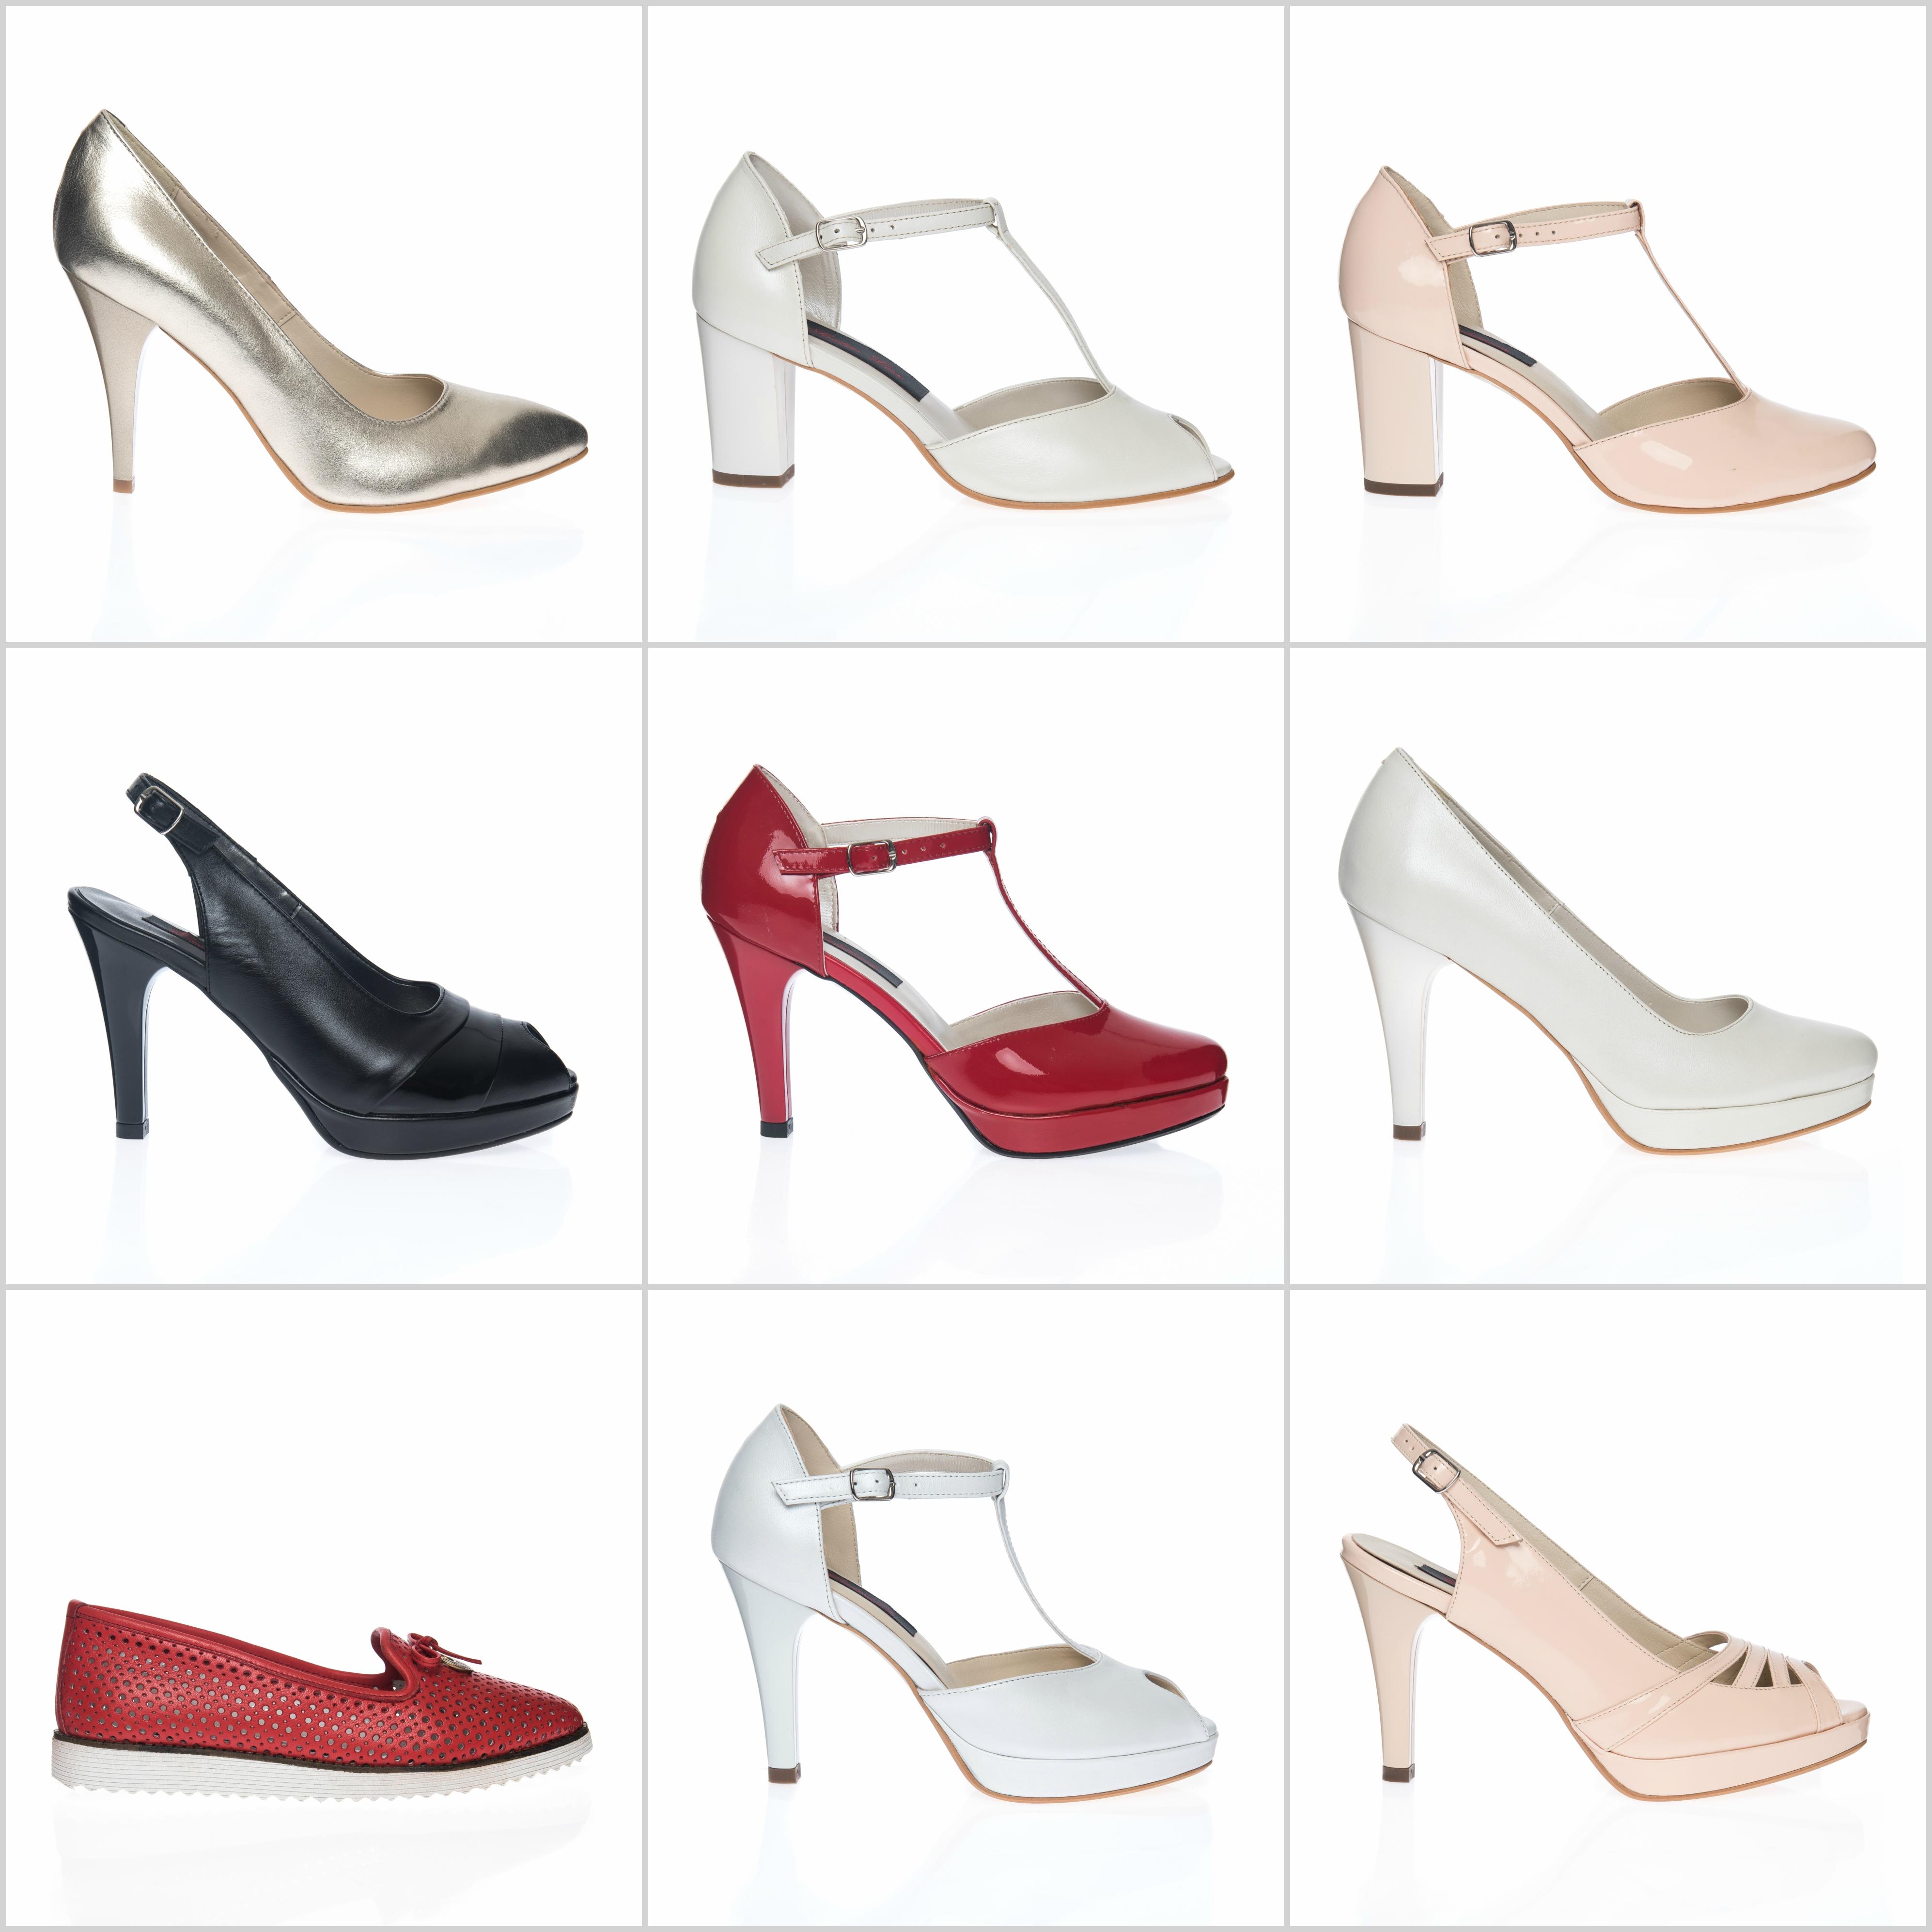 sandale si pantofi piele catincashoes